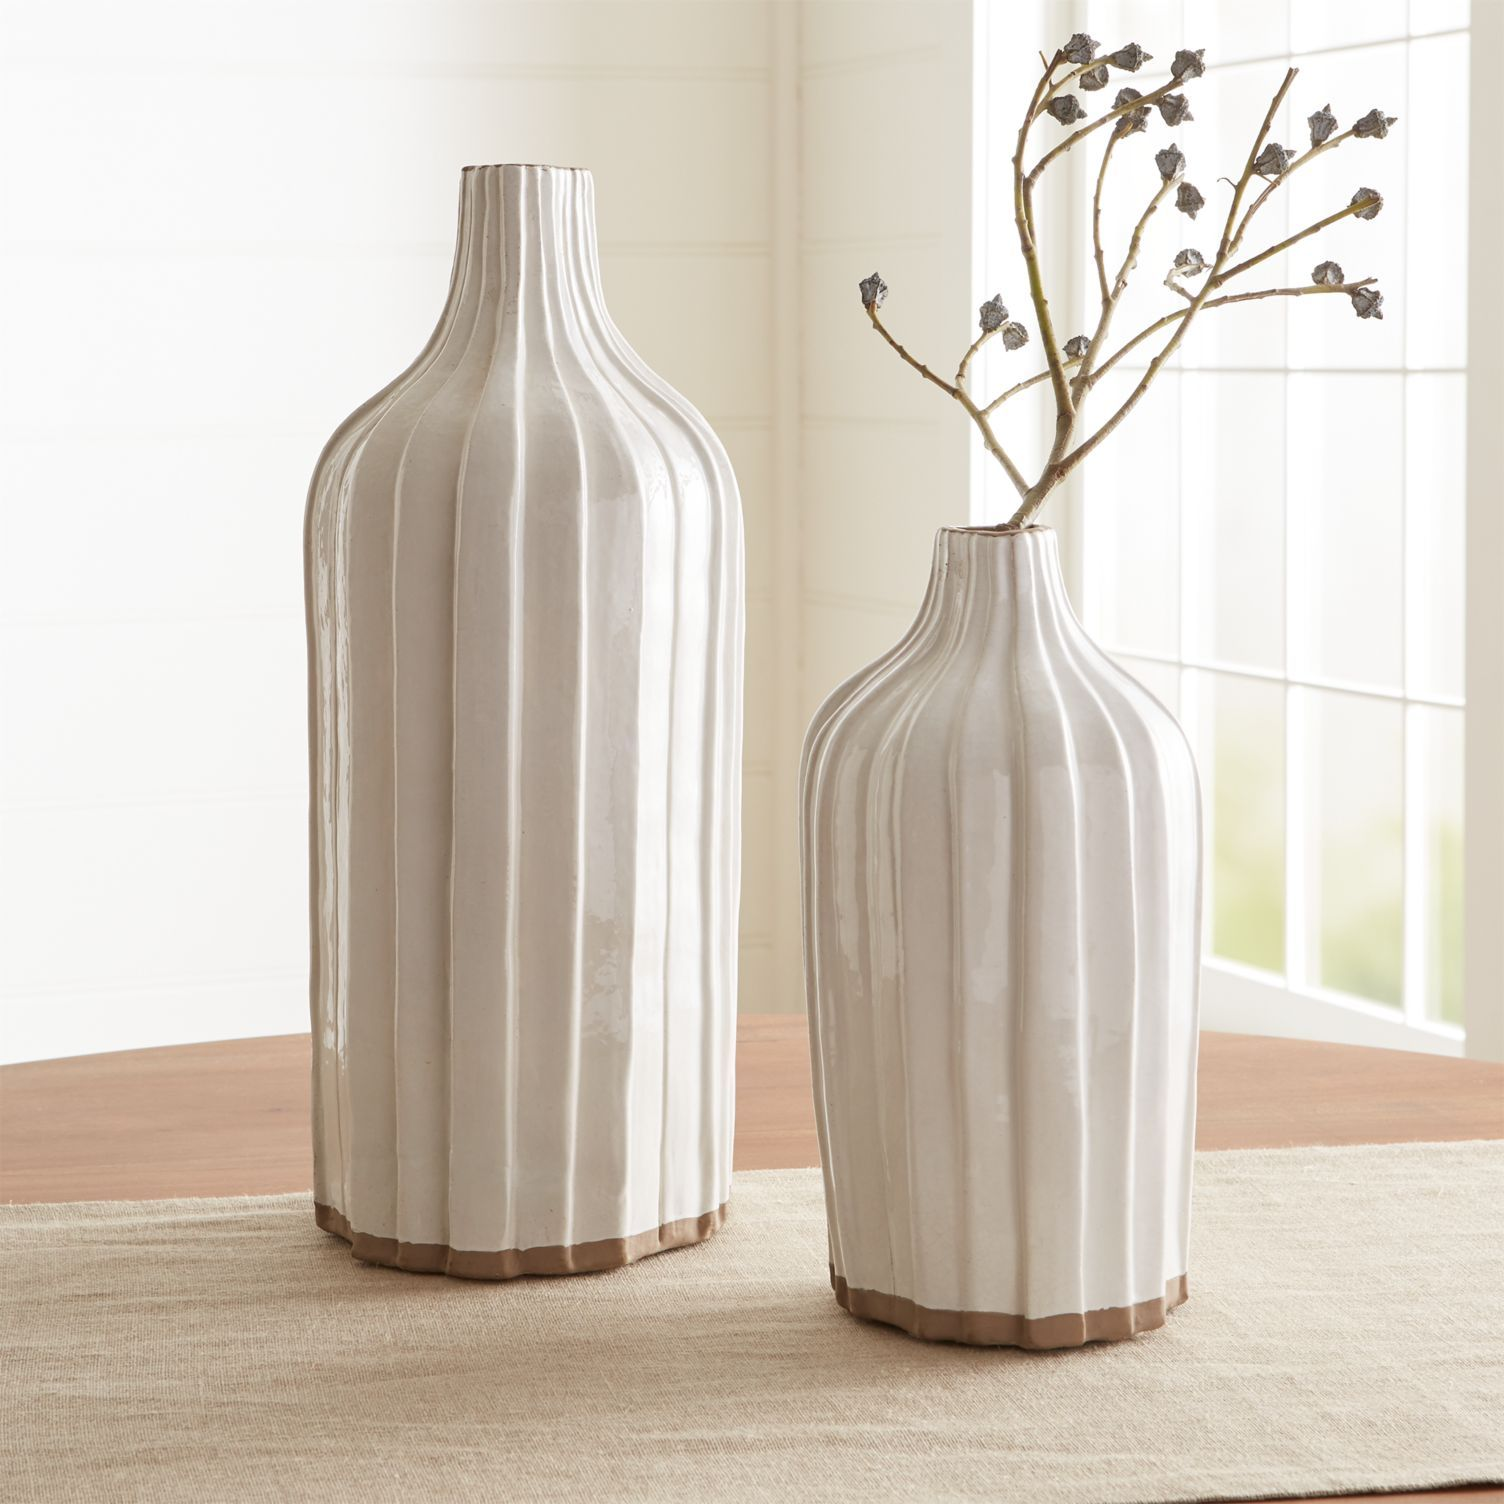 Designer Sample Sale Contemporary Craft Ceramic Vase Beachy Minimalist Blue /& White Textured Vase